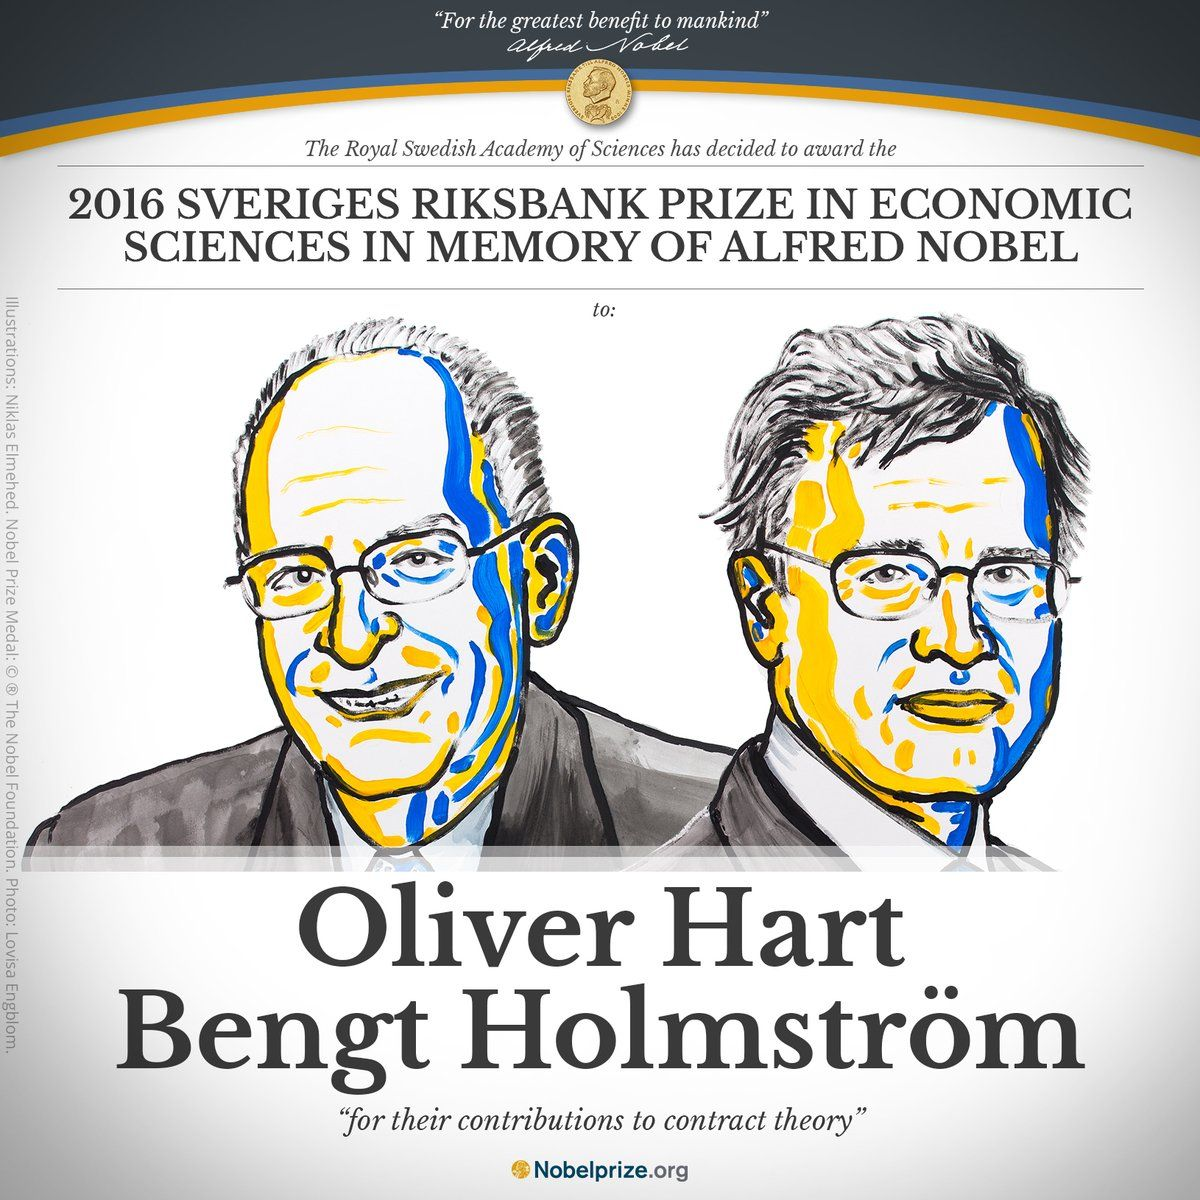 Premio Nobel Economia 2016 a Oliver Hart e Bengt Holmström